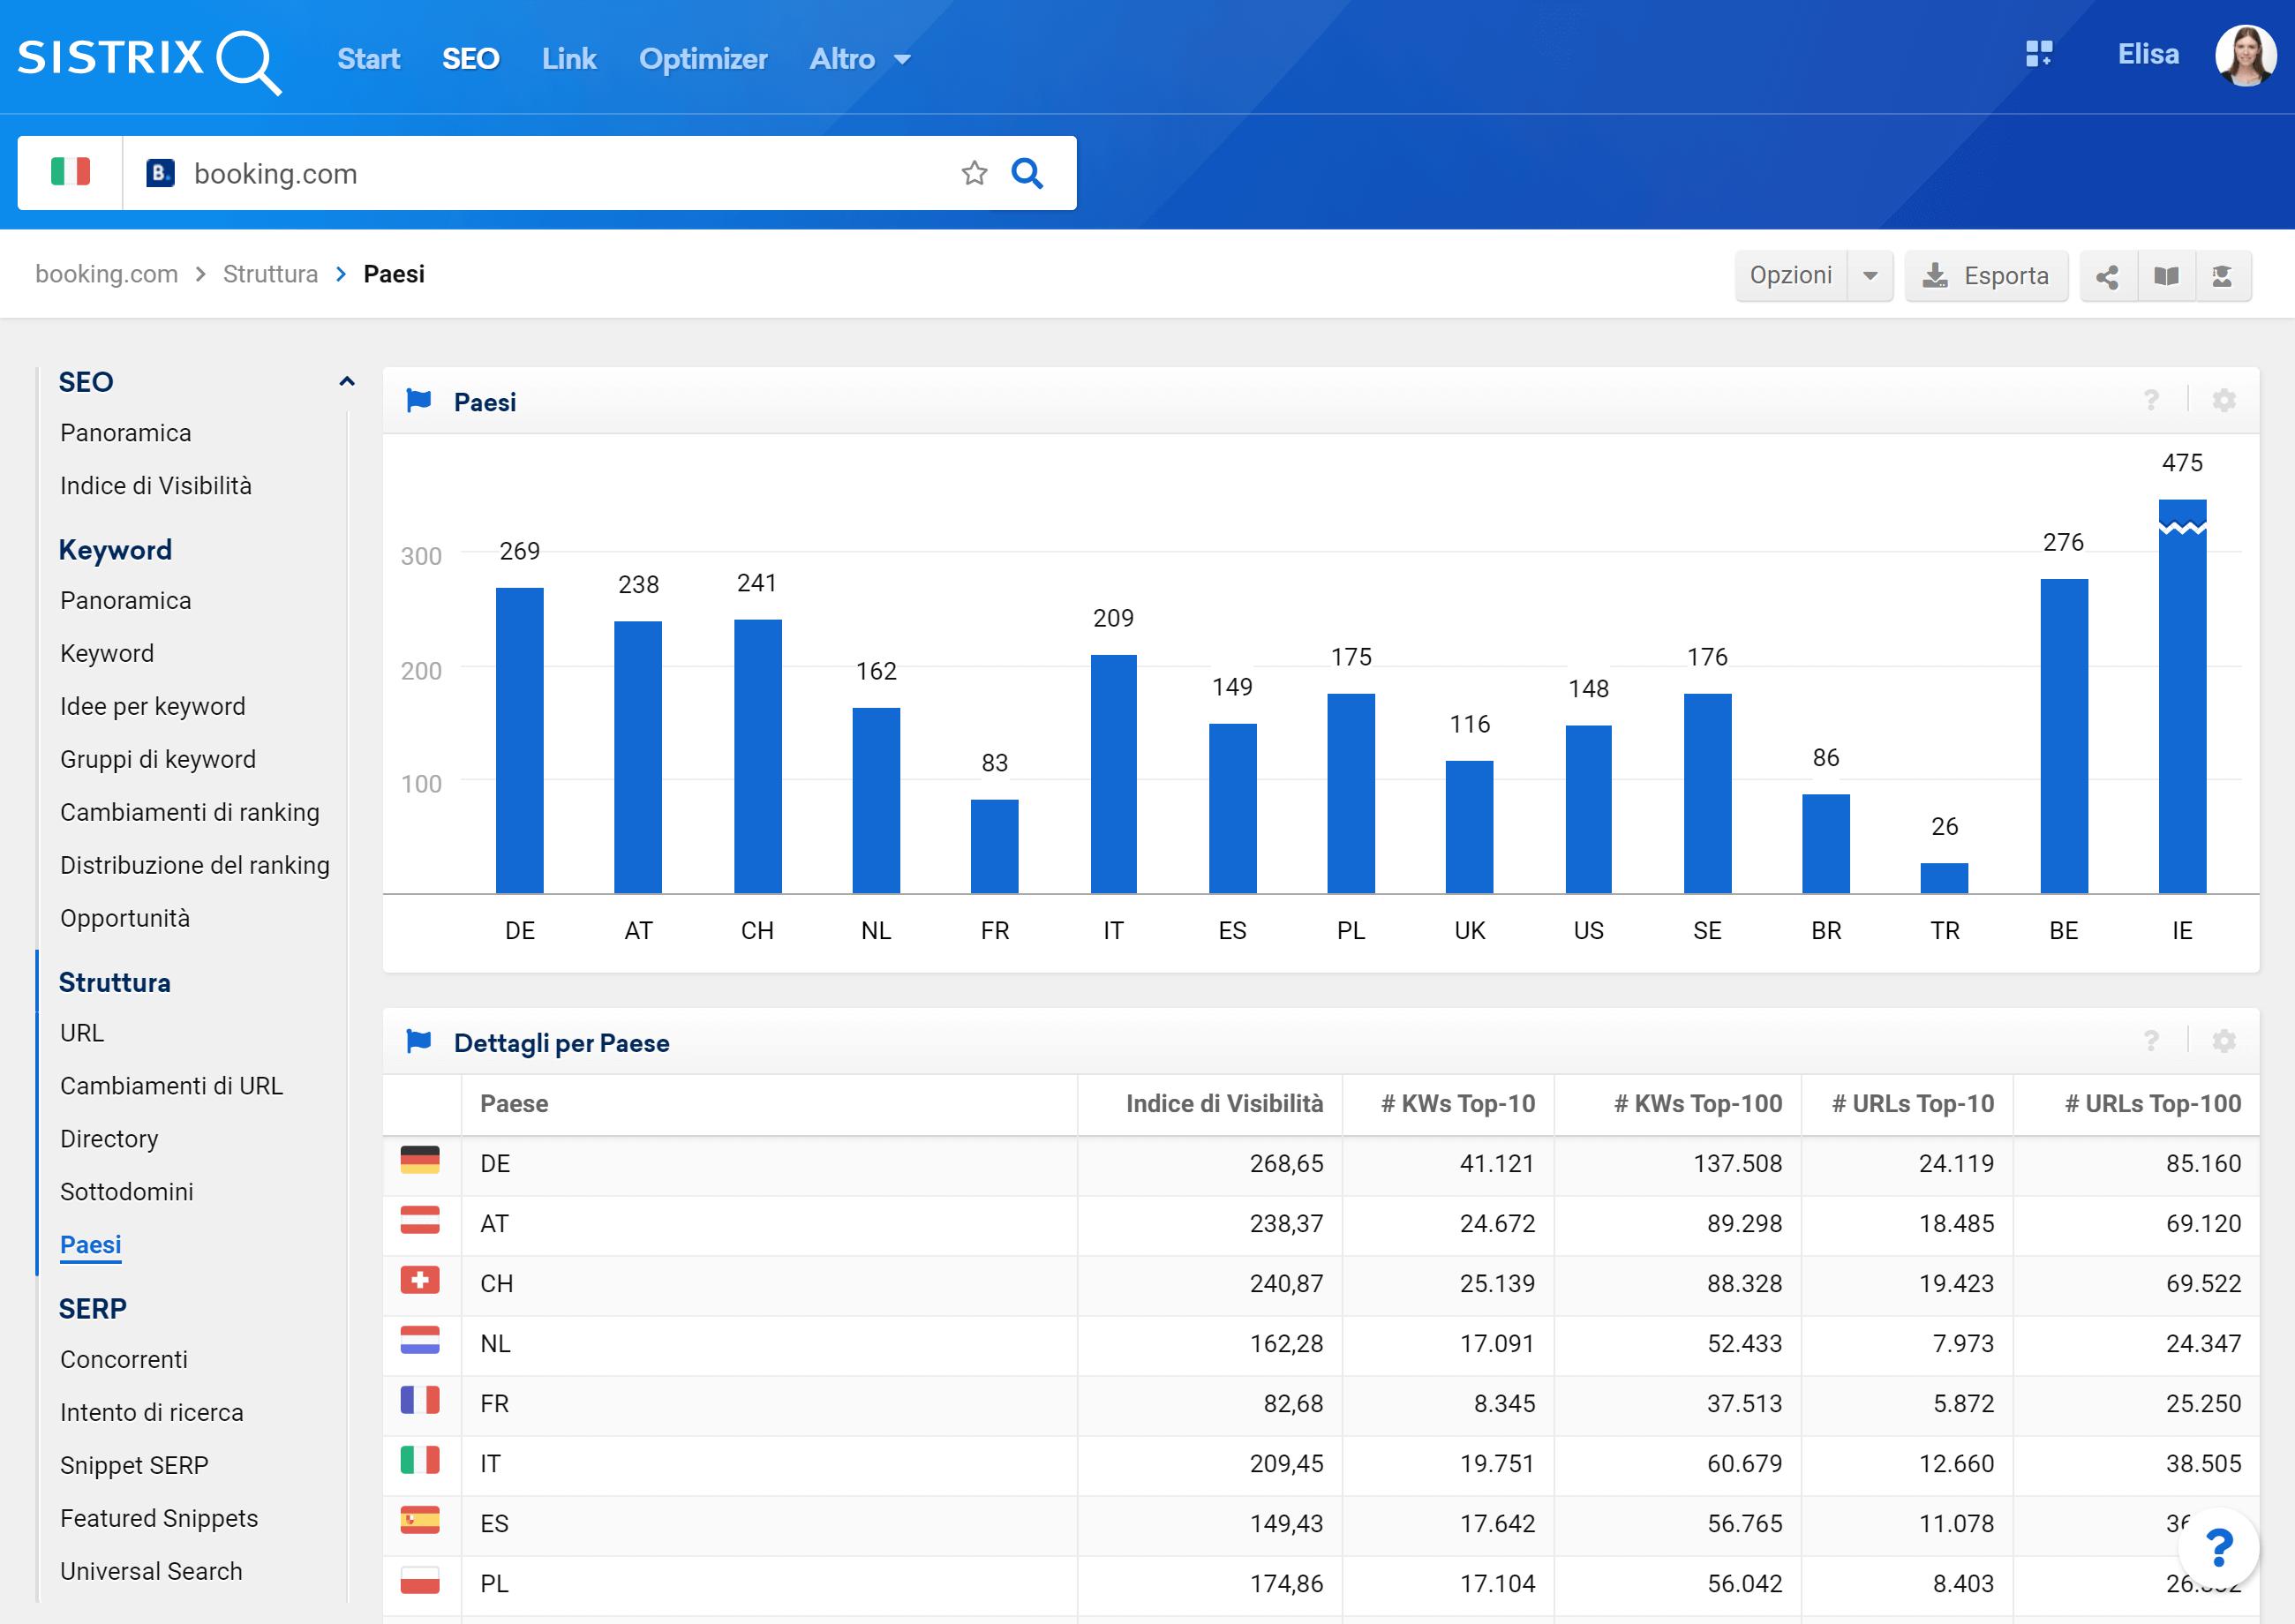 Sezione del Toolbox SISTRIX relativa ai Paesi